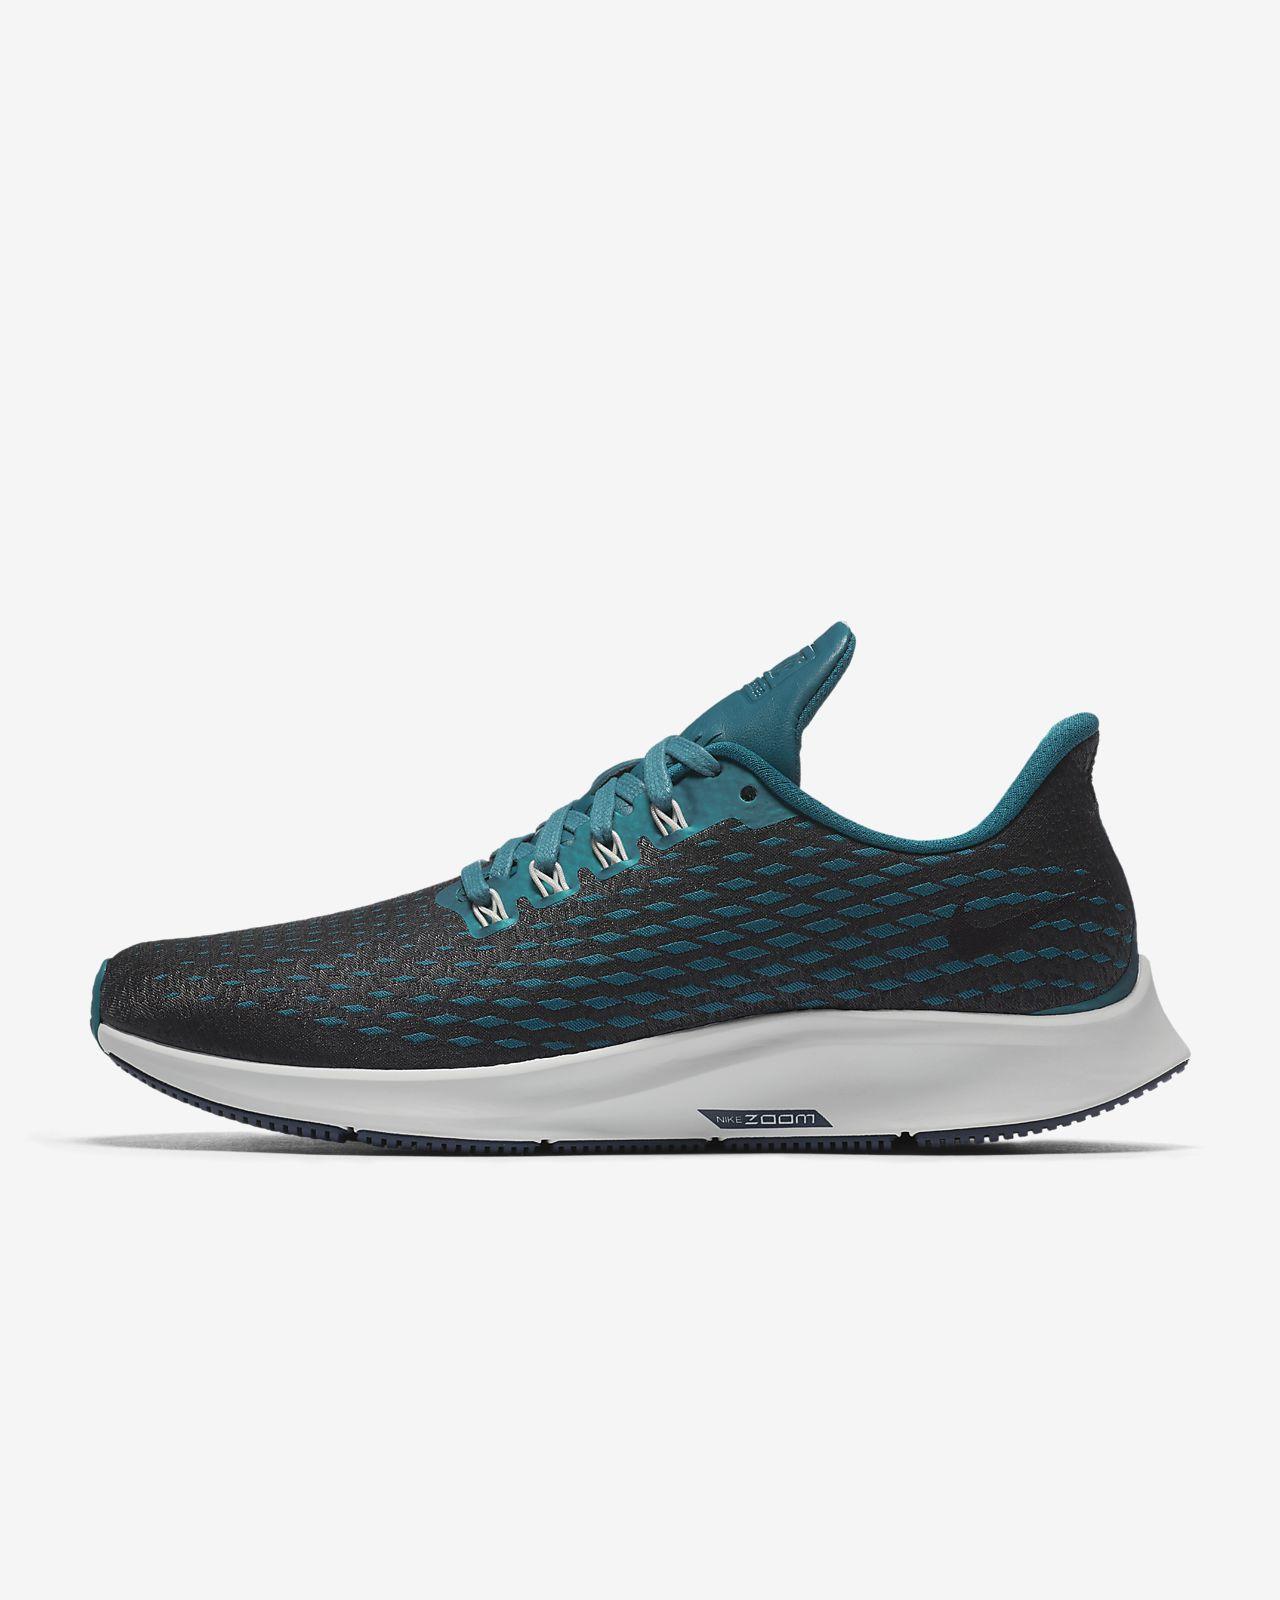 Nike Air Zoom Pegasus 35 Premium løpesko til dame